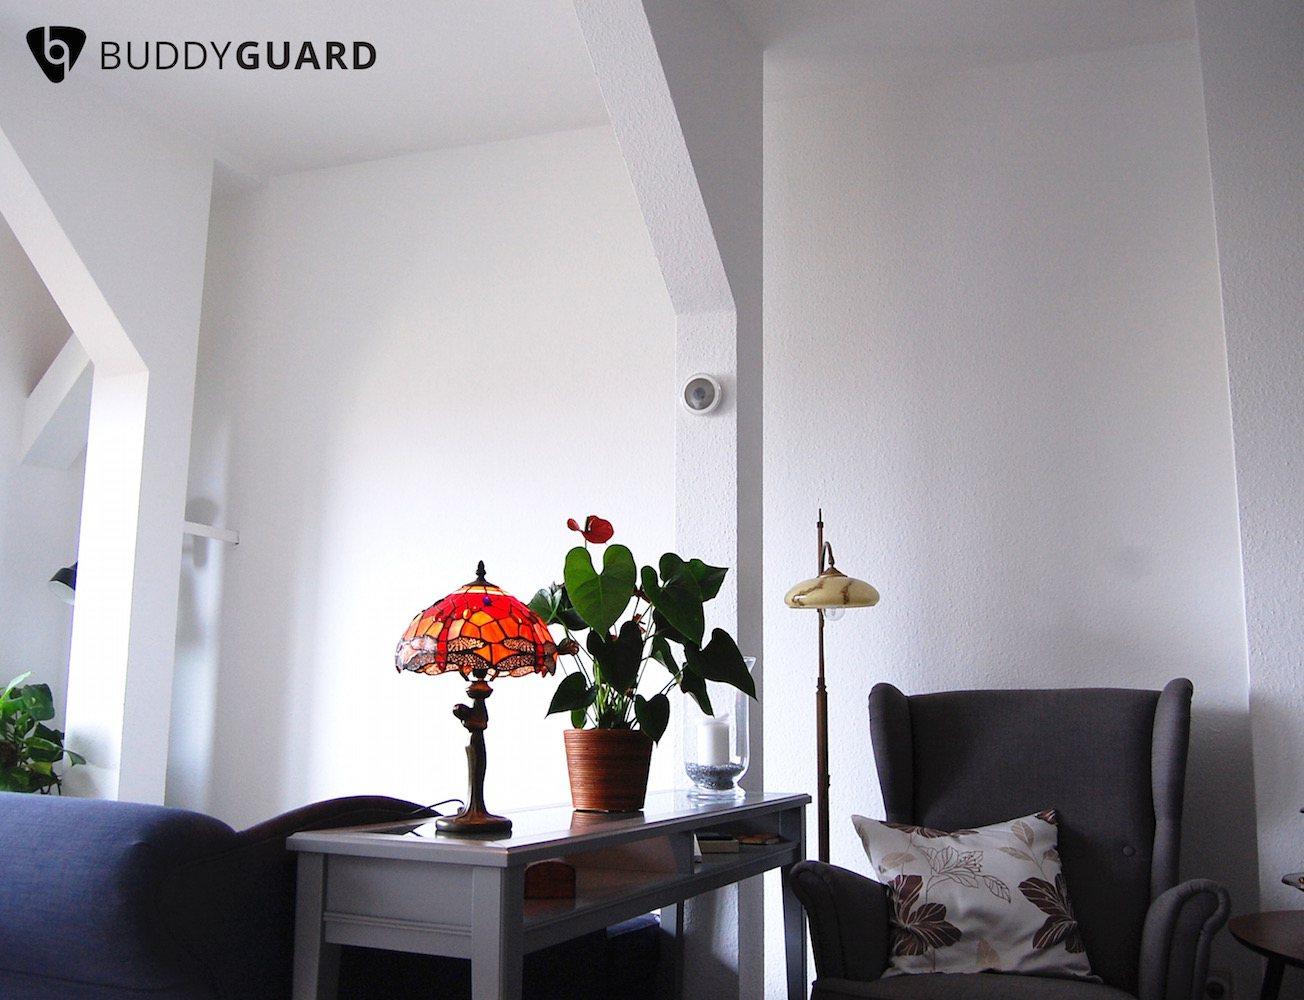 BuddyGuard Flare: Home Security